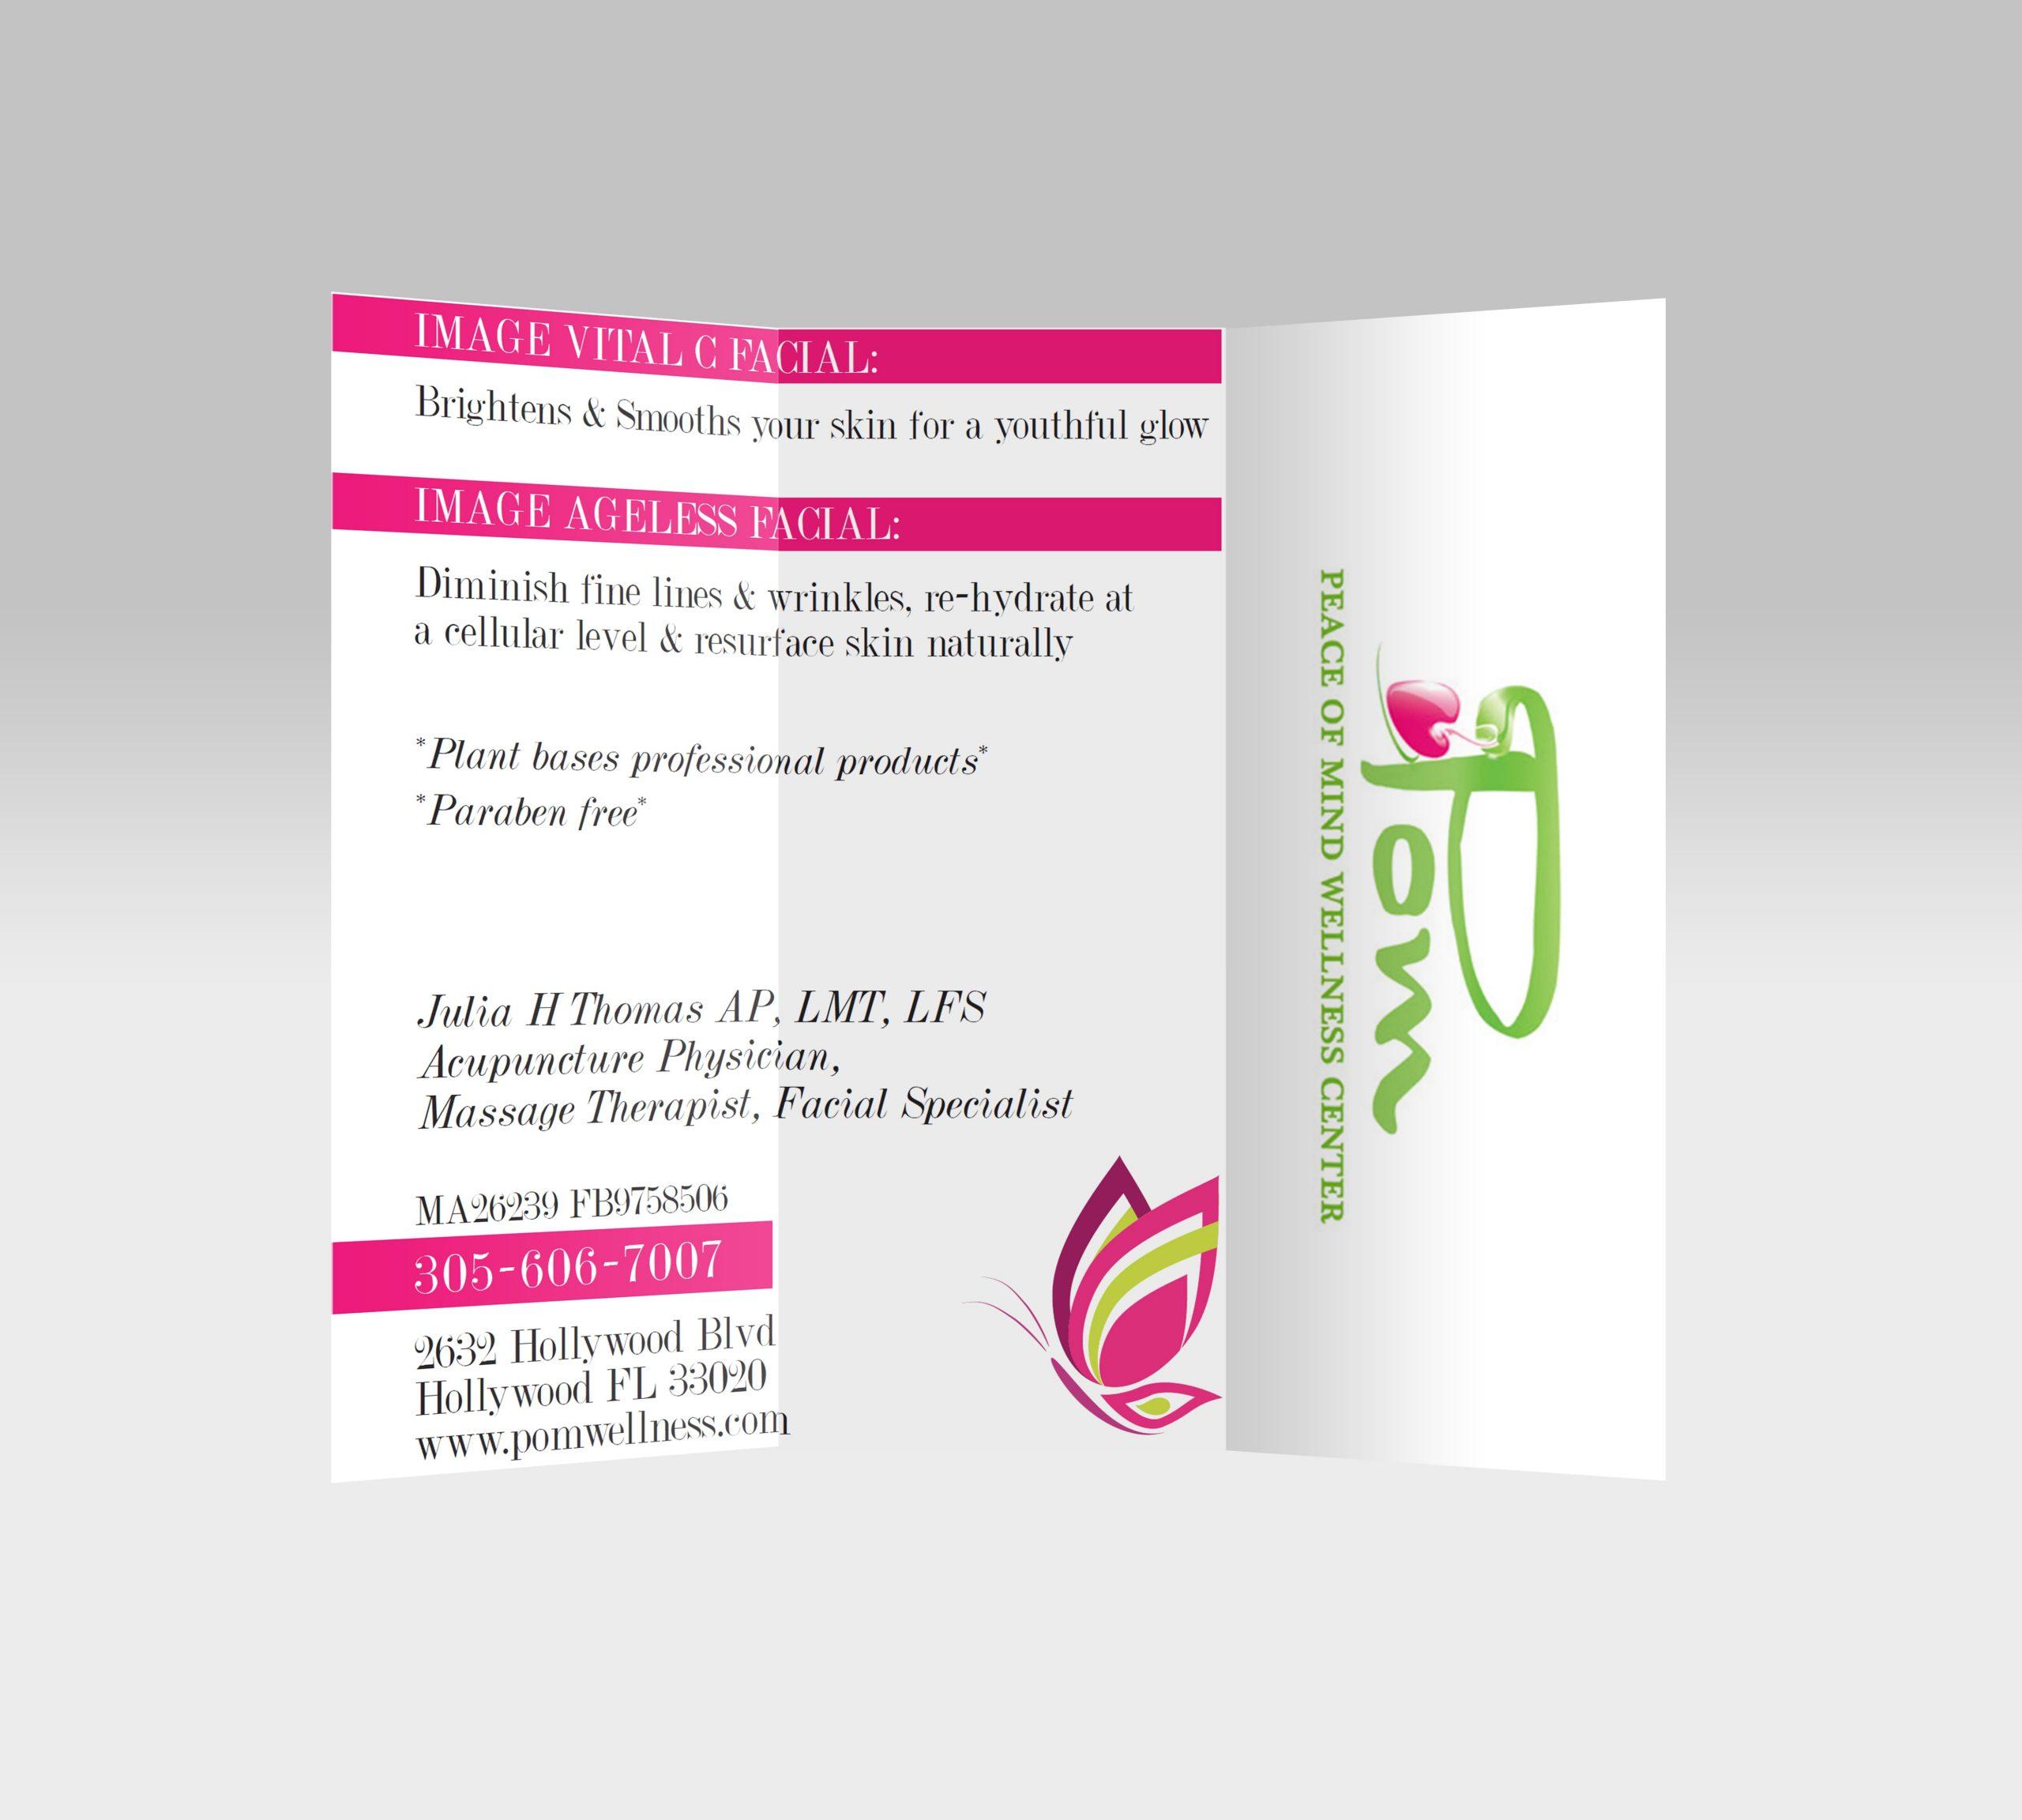 Pom Wellness Flyer